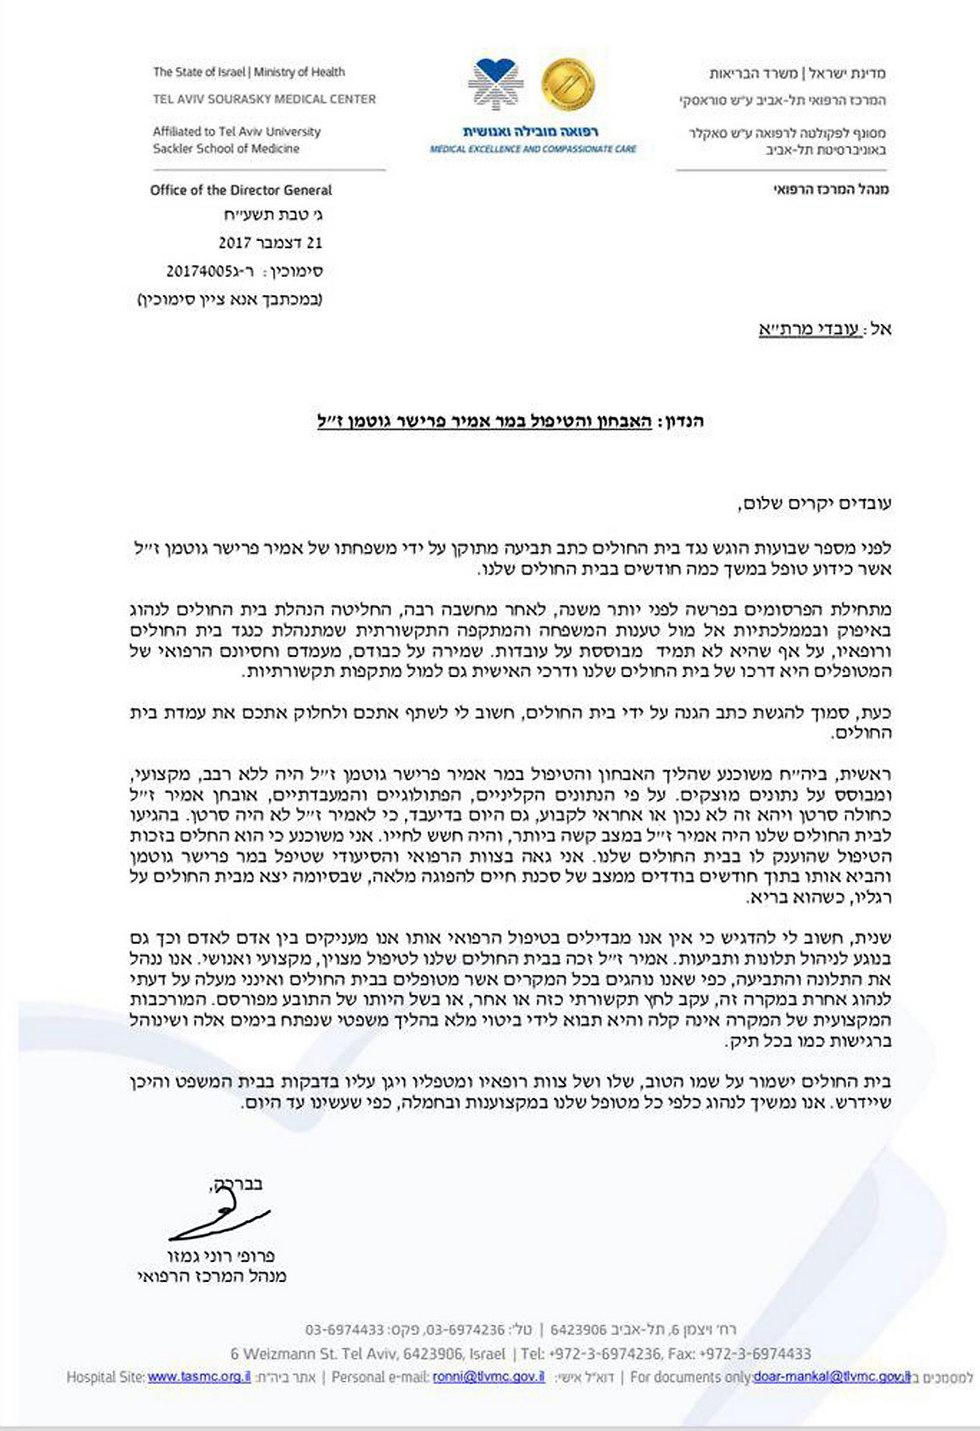 מכתבו של מנהל איכילוב גמזו לעובדים ()